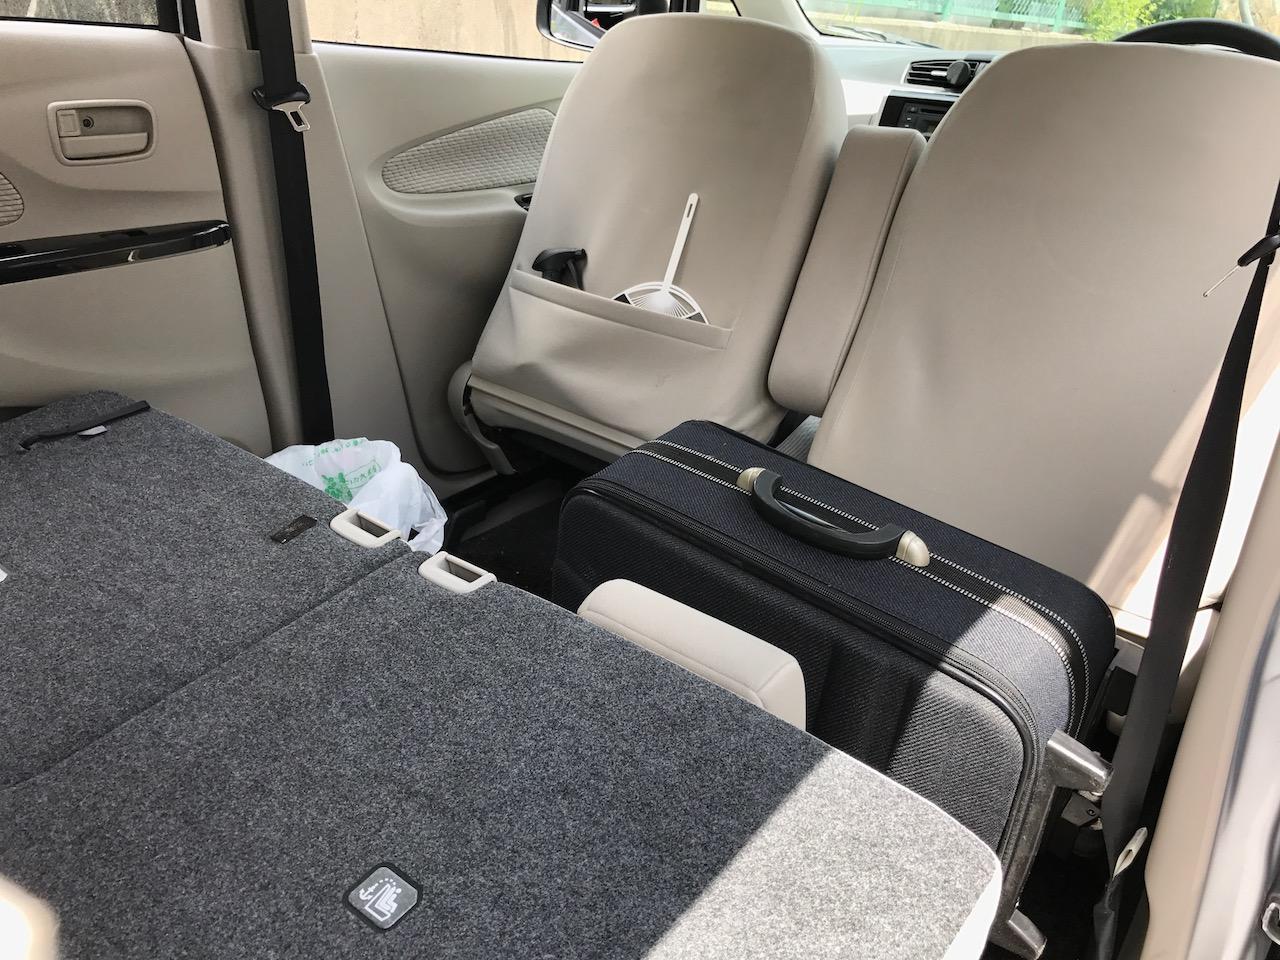 日産デイズで車中泊時に一番寝られるスペースを確保できるスタイルを研究してみた